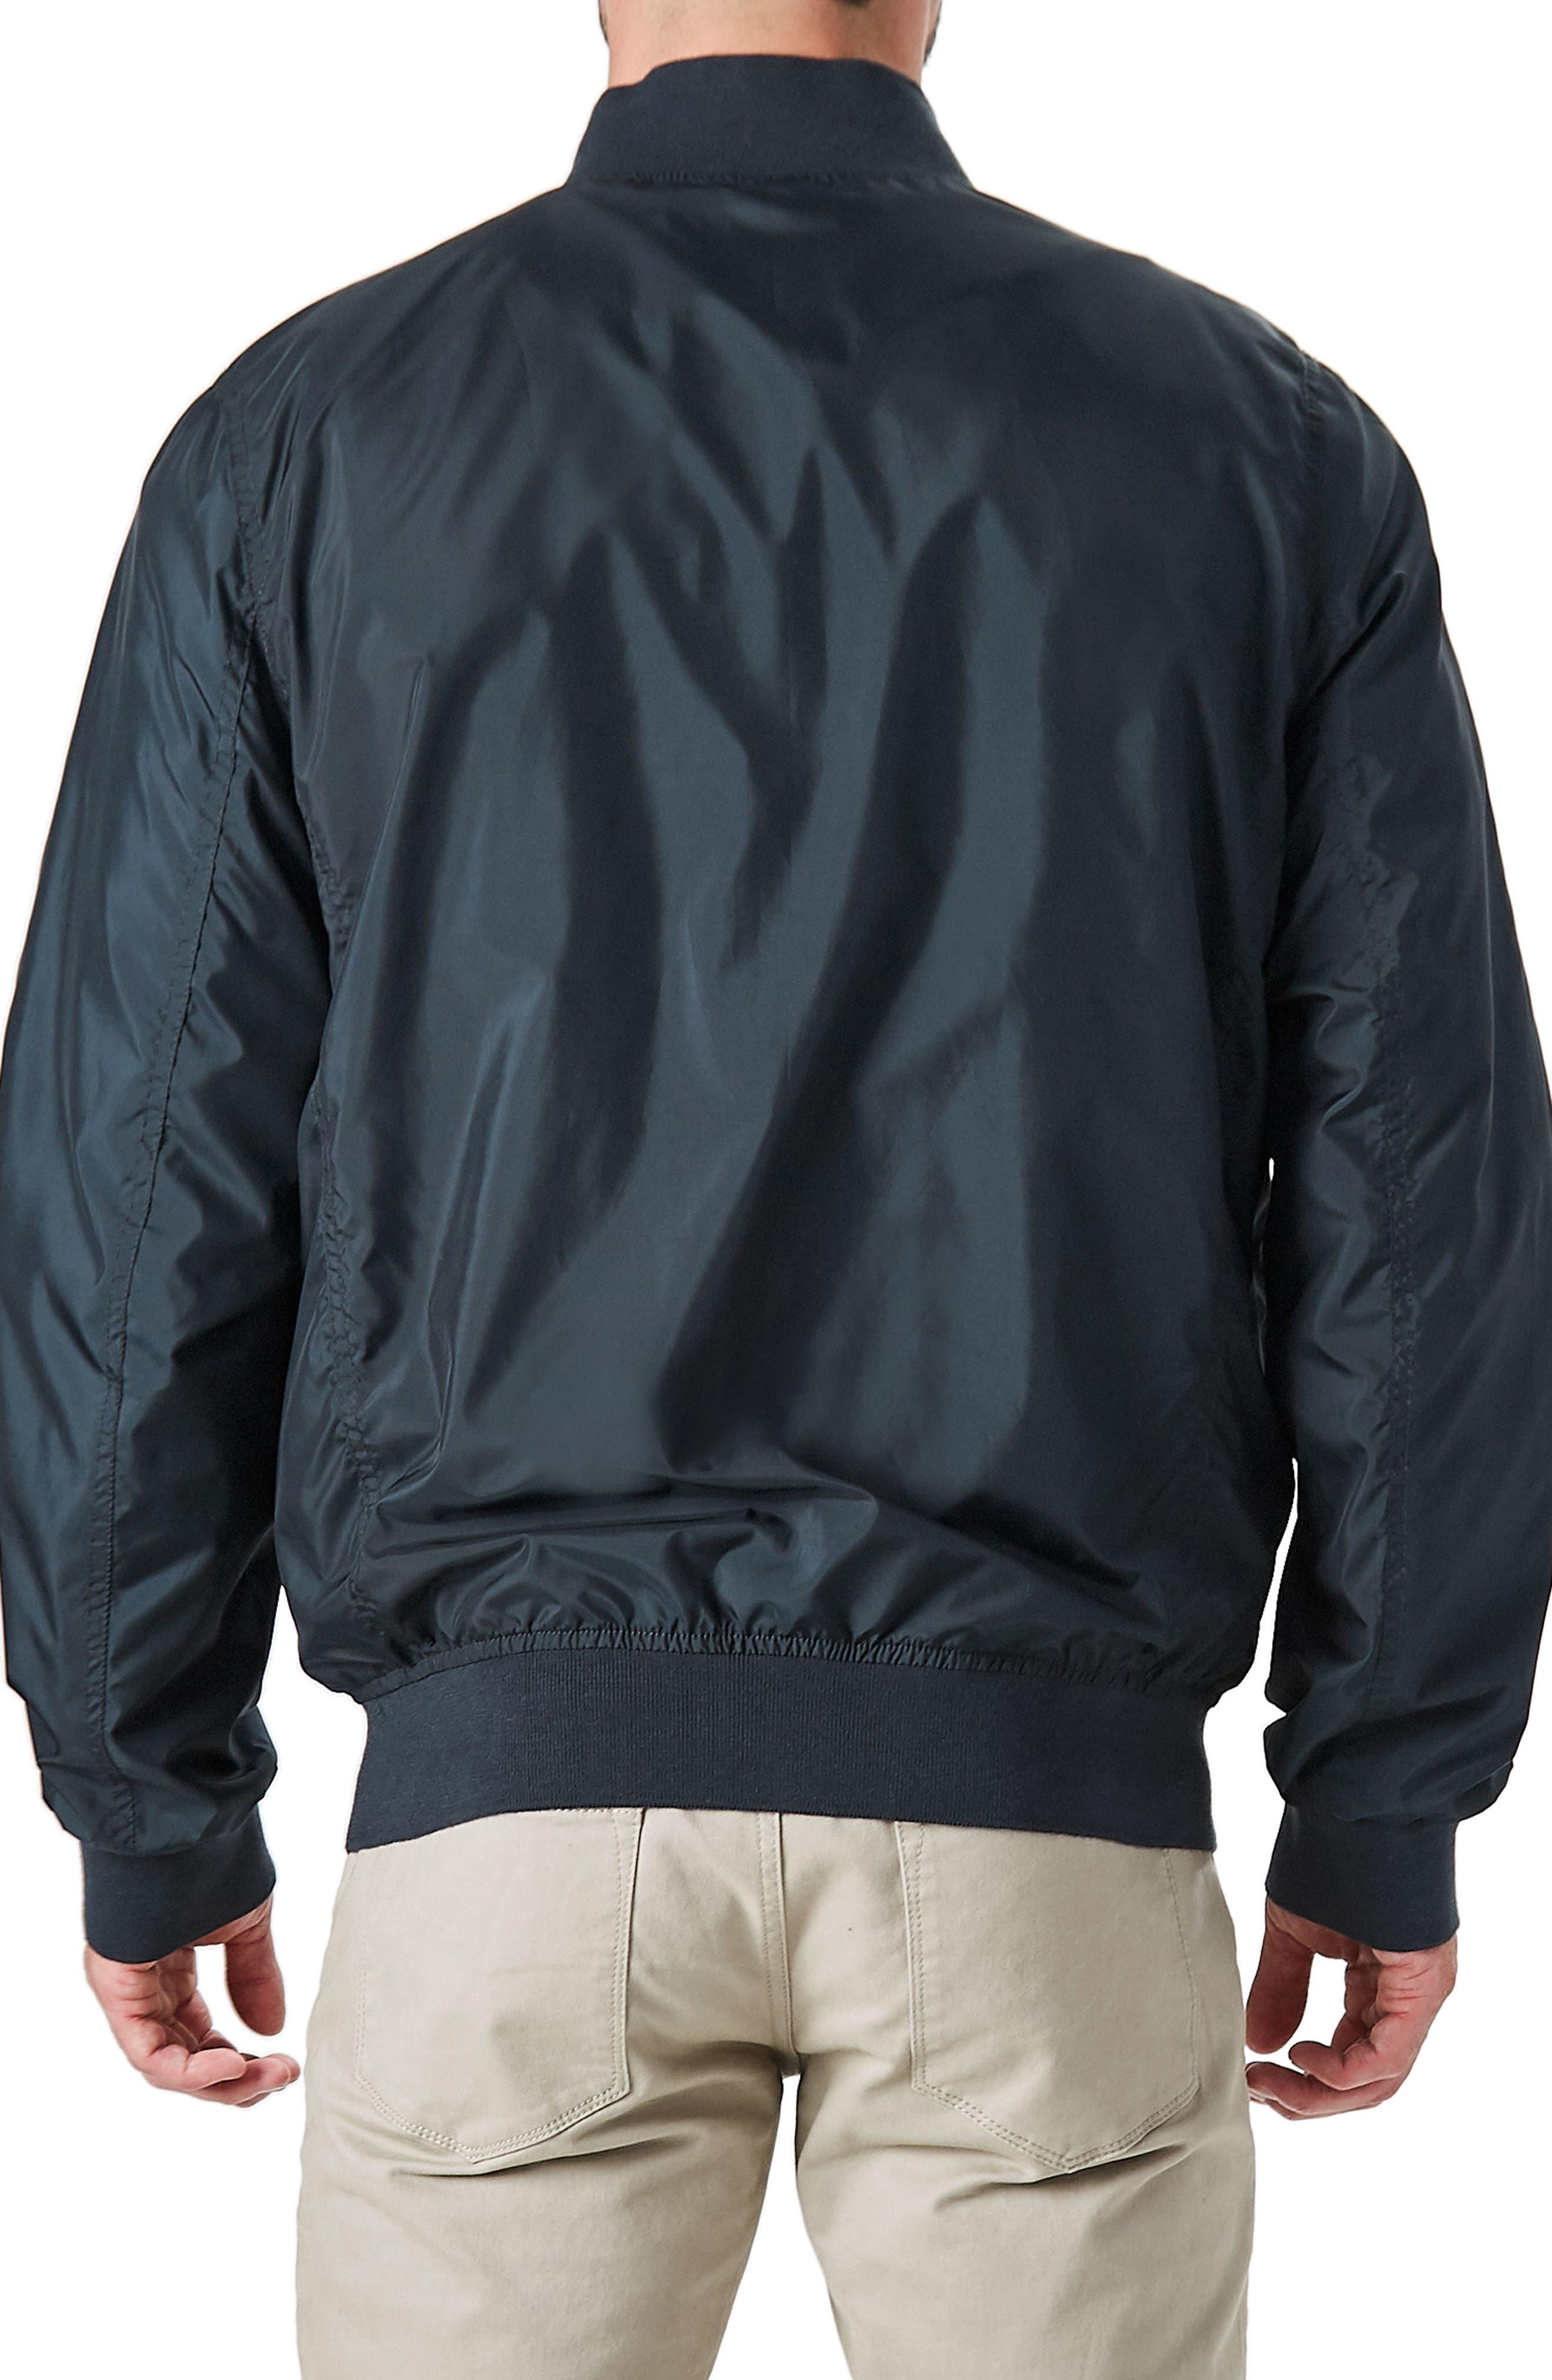 Loosid Jacket,                             Alternate thumbnail 4, color,